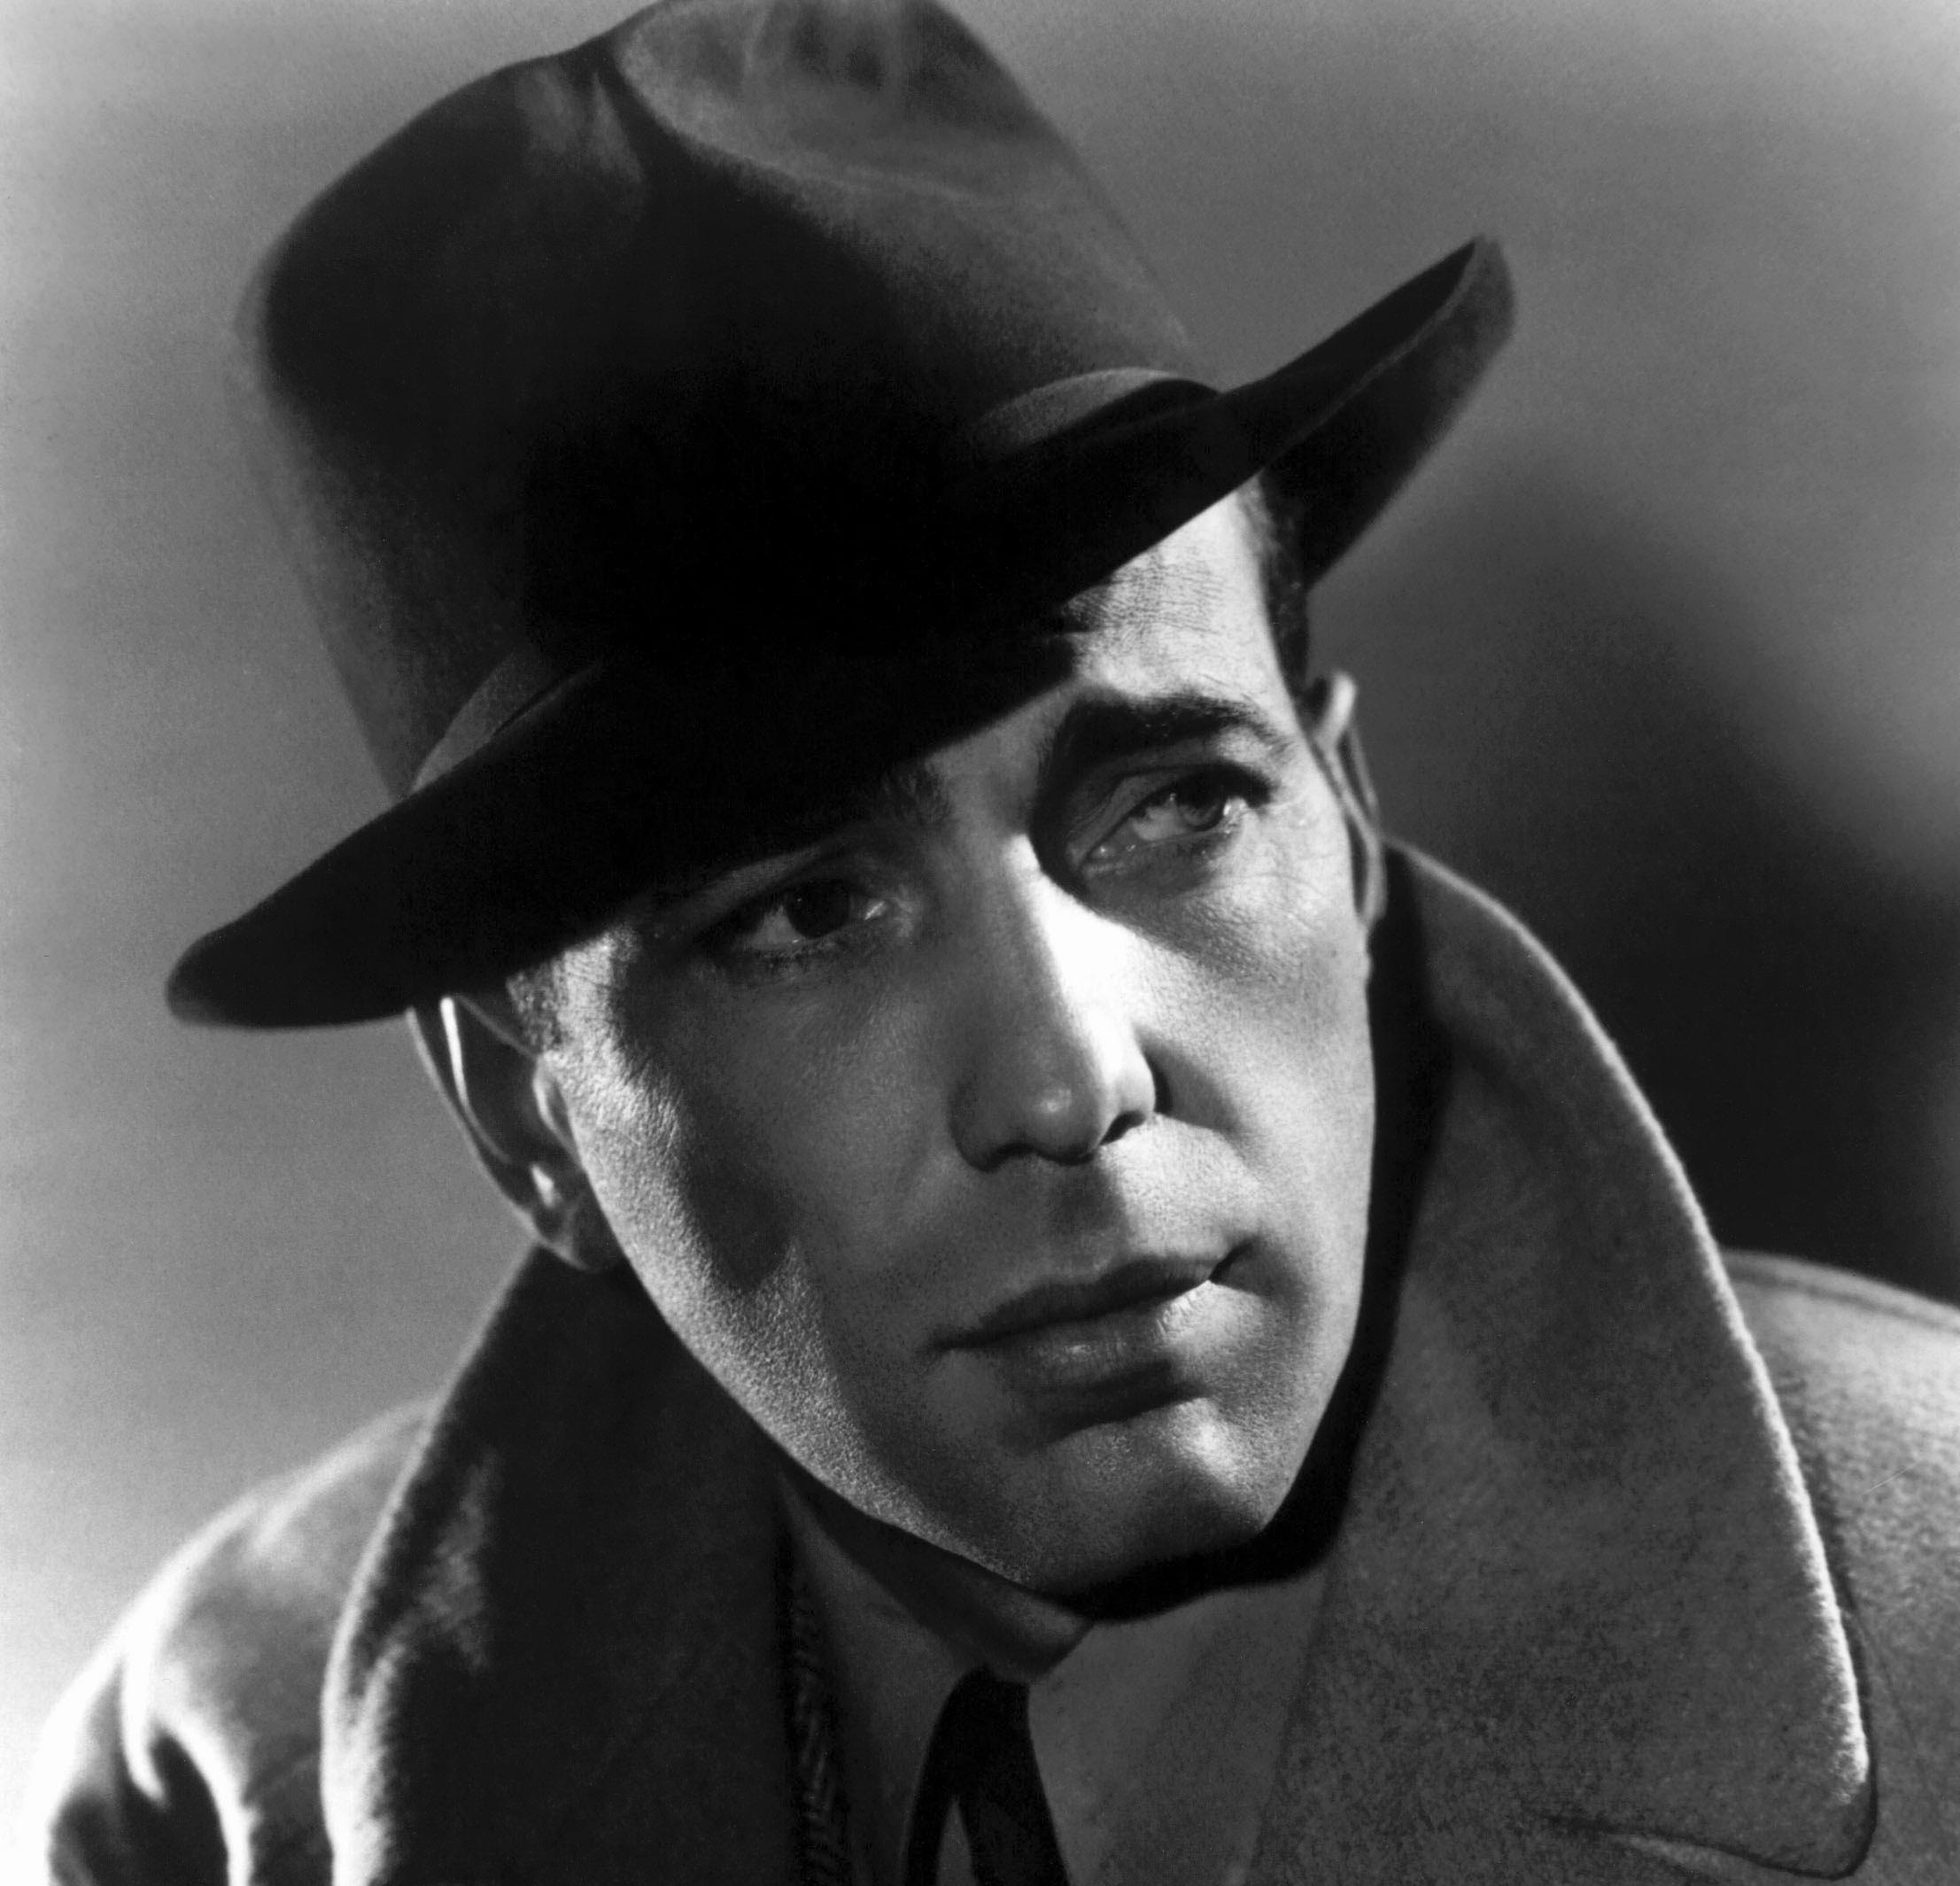 Humphrey Bogart en su papel como Rick Blain en Casablanca